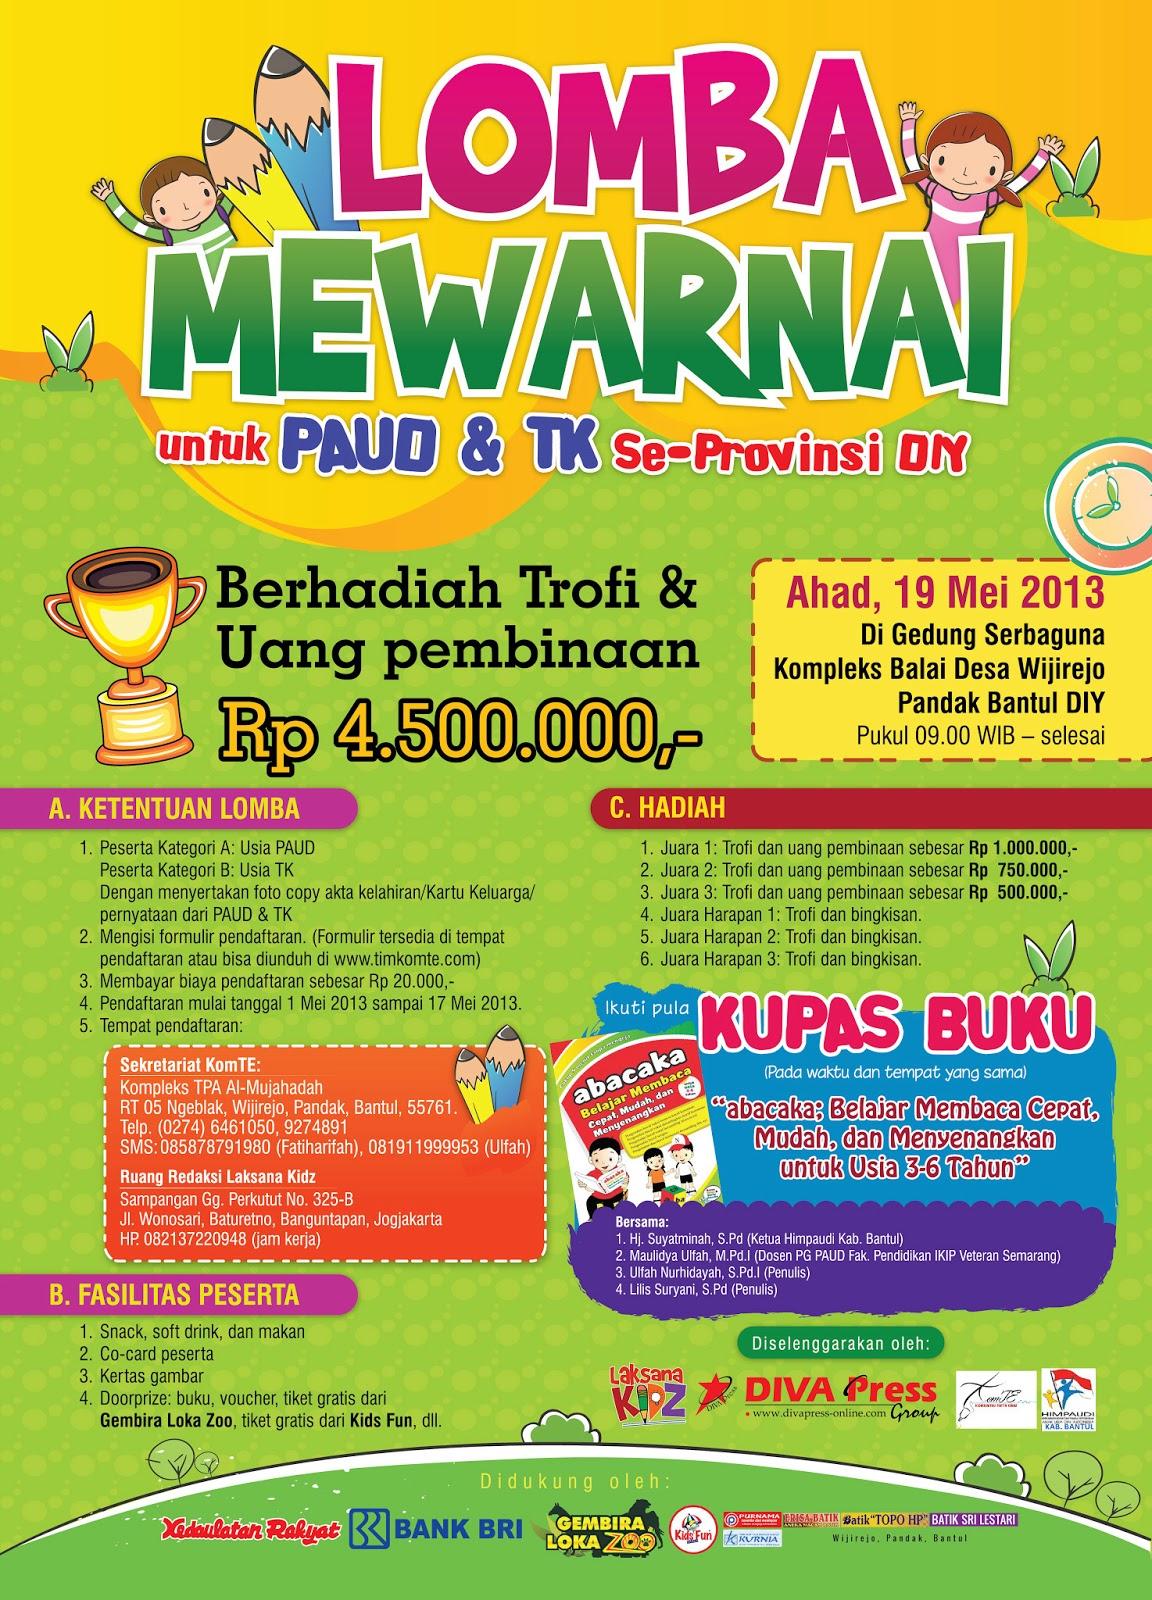 Lomba Mewarnai untuk PAUD & TK Se Provinsi DIY